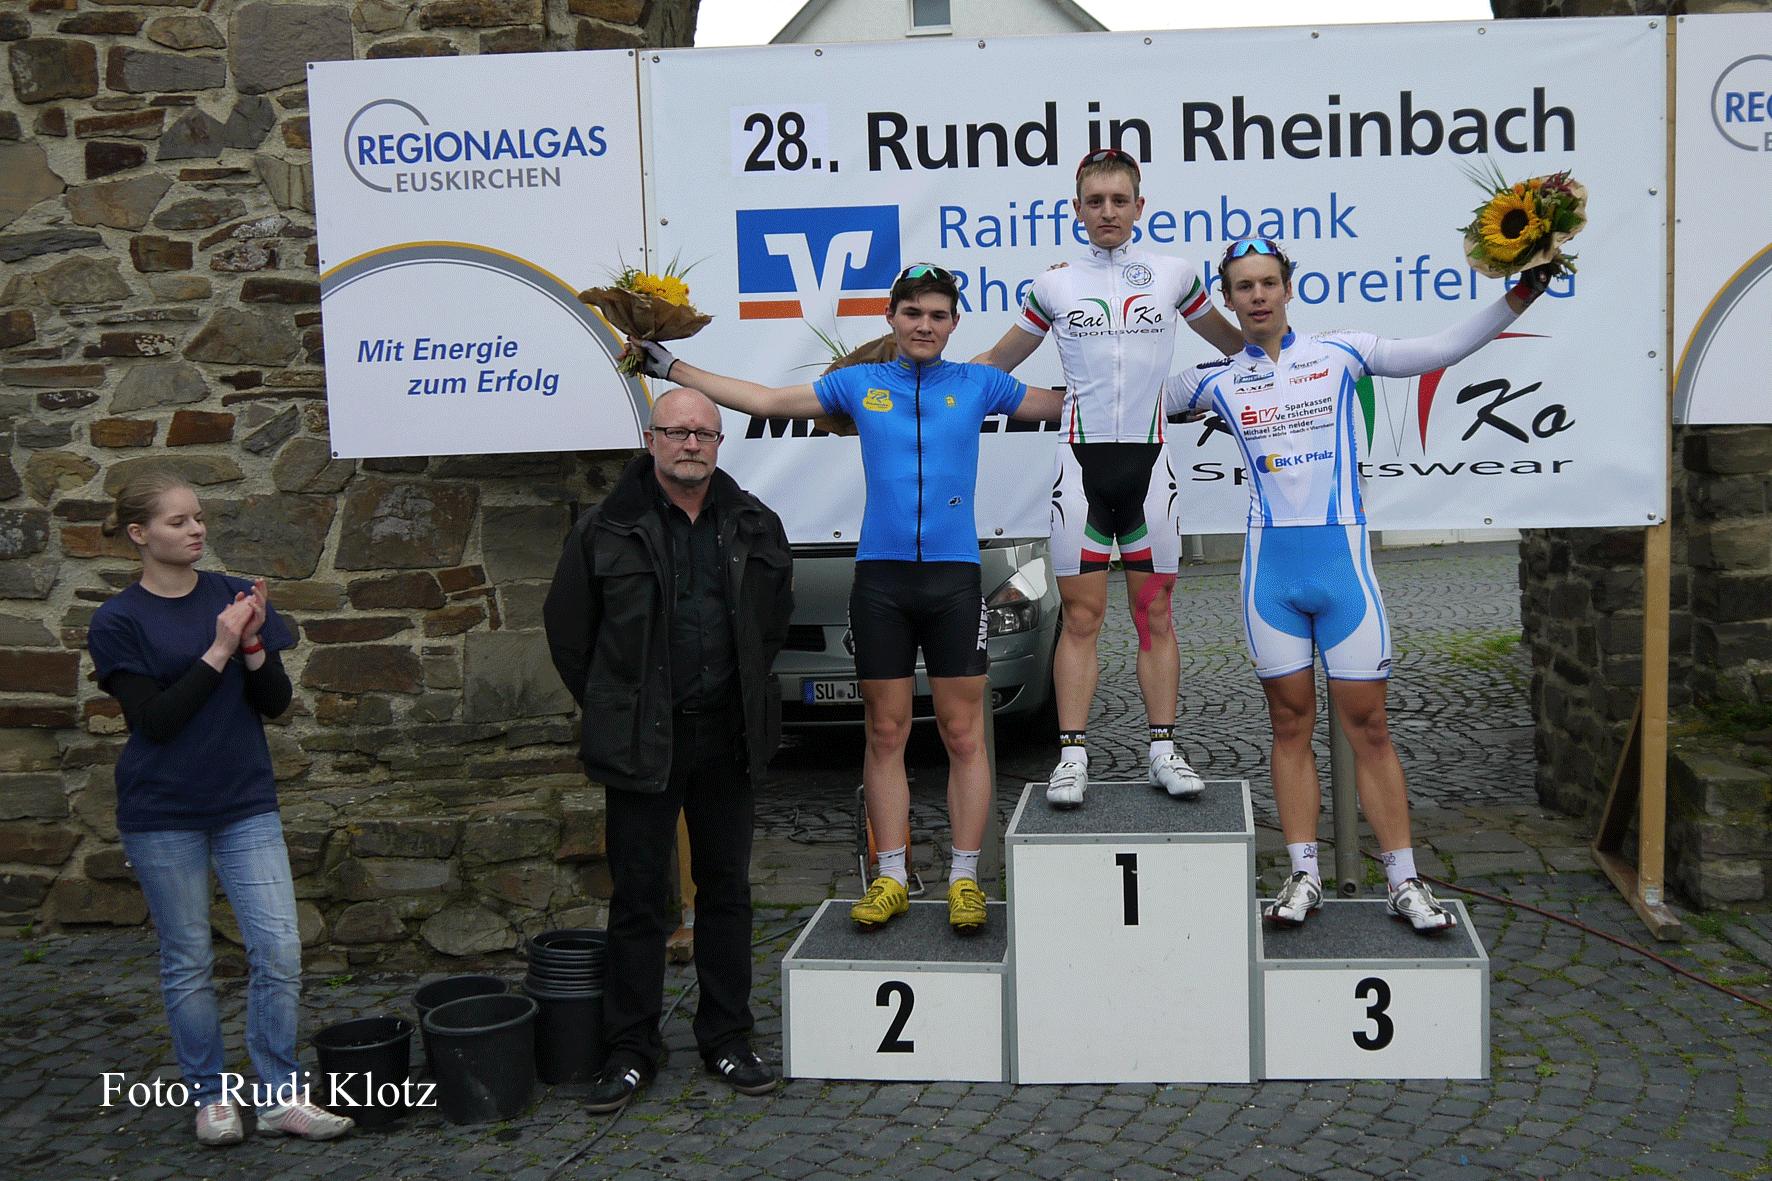 rsc-rheinbach « Rund in Rheinbach